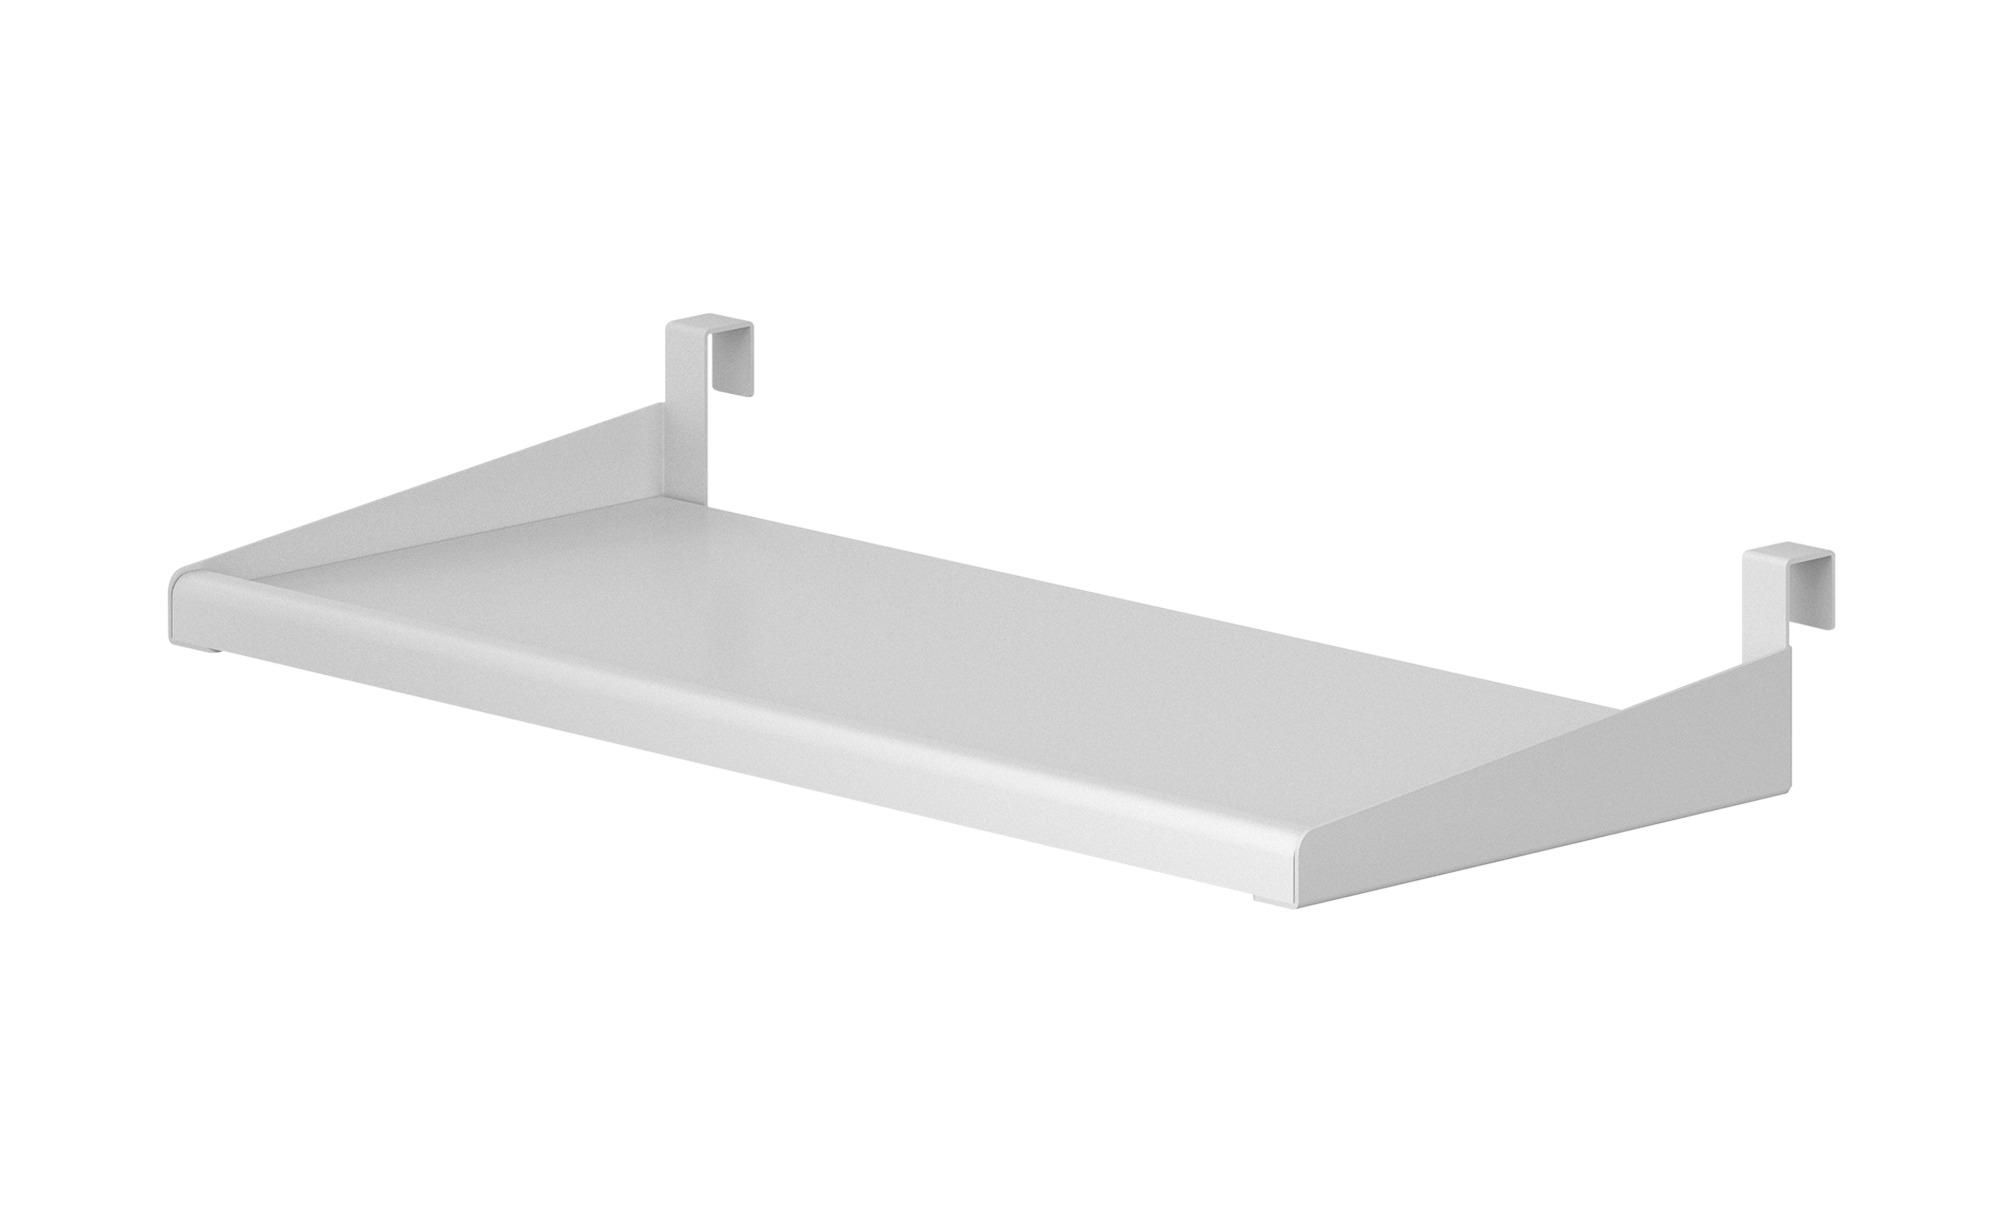 FLEXA Nachttisch  Flexa - weiß - 8,8 cm - 60 cm - 25 cm - Sonstiges Zubehör - Möbel Kraft | Schlafzimmer > Nachttische | FLEXA